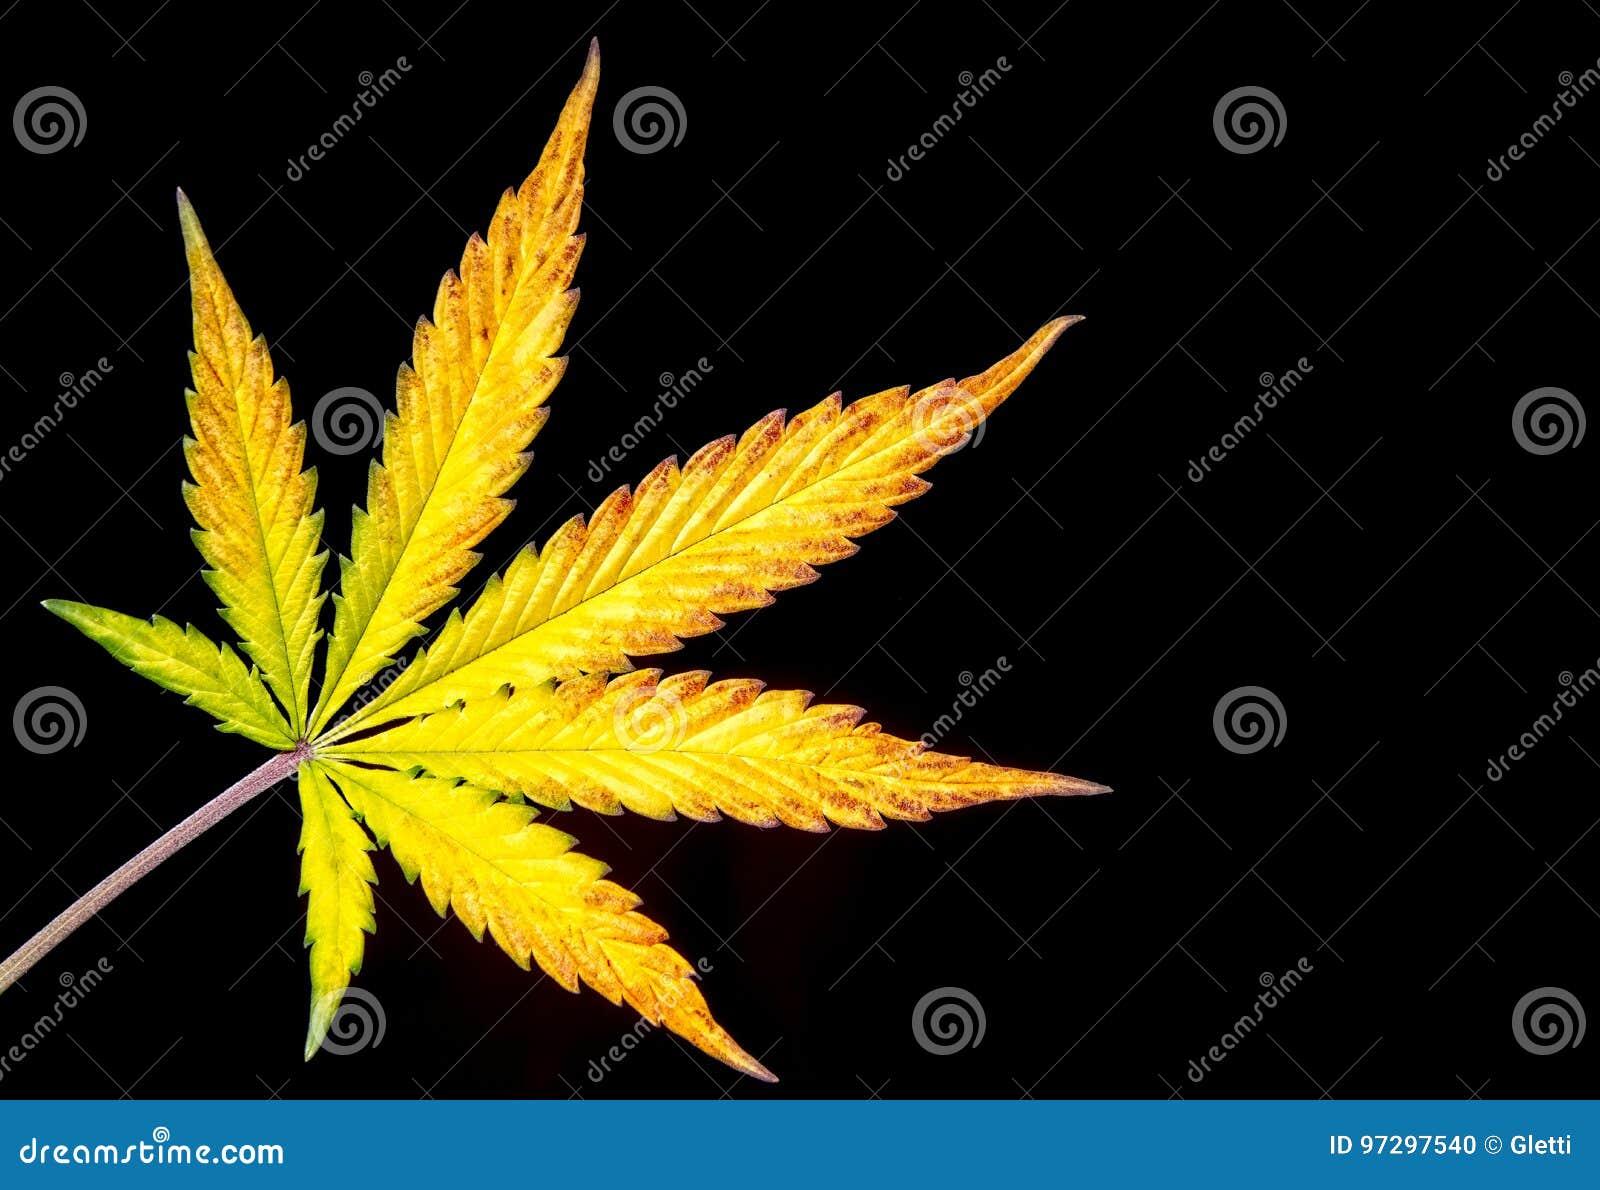 Конопля желтый видео как растить марихуану